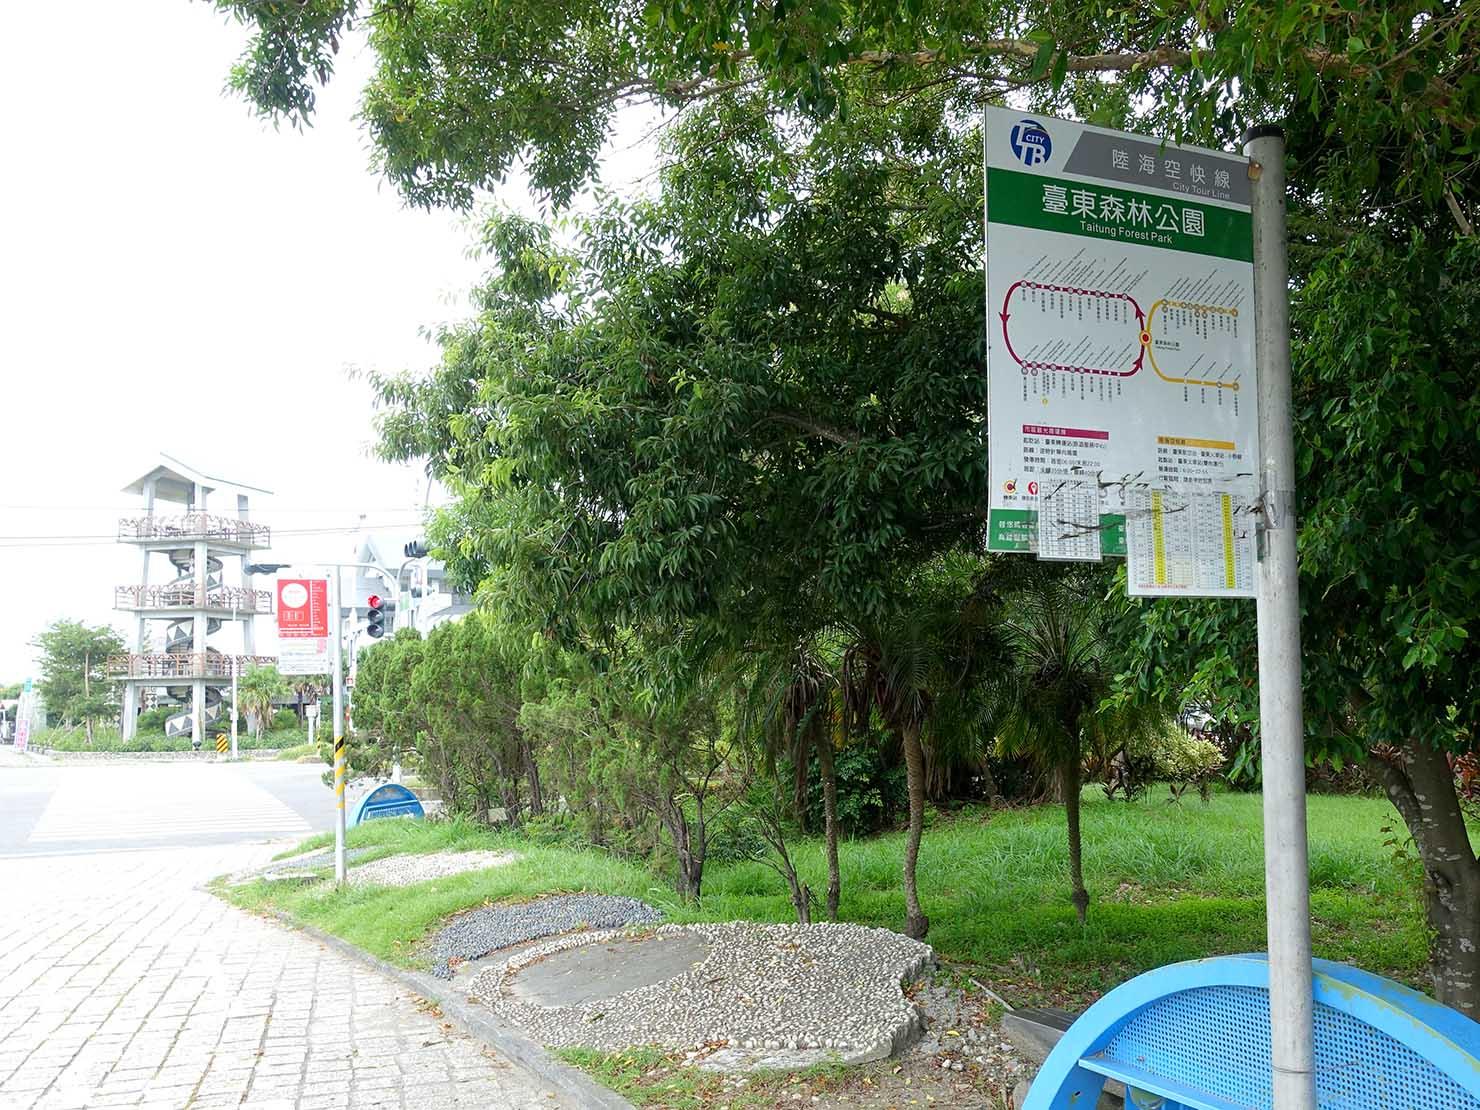 台東森林公園前のバス停